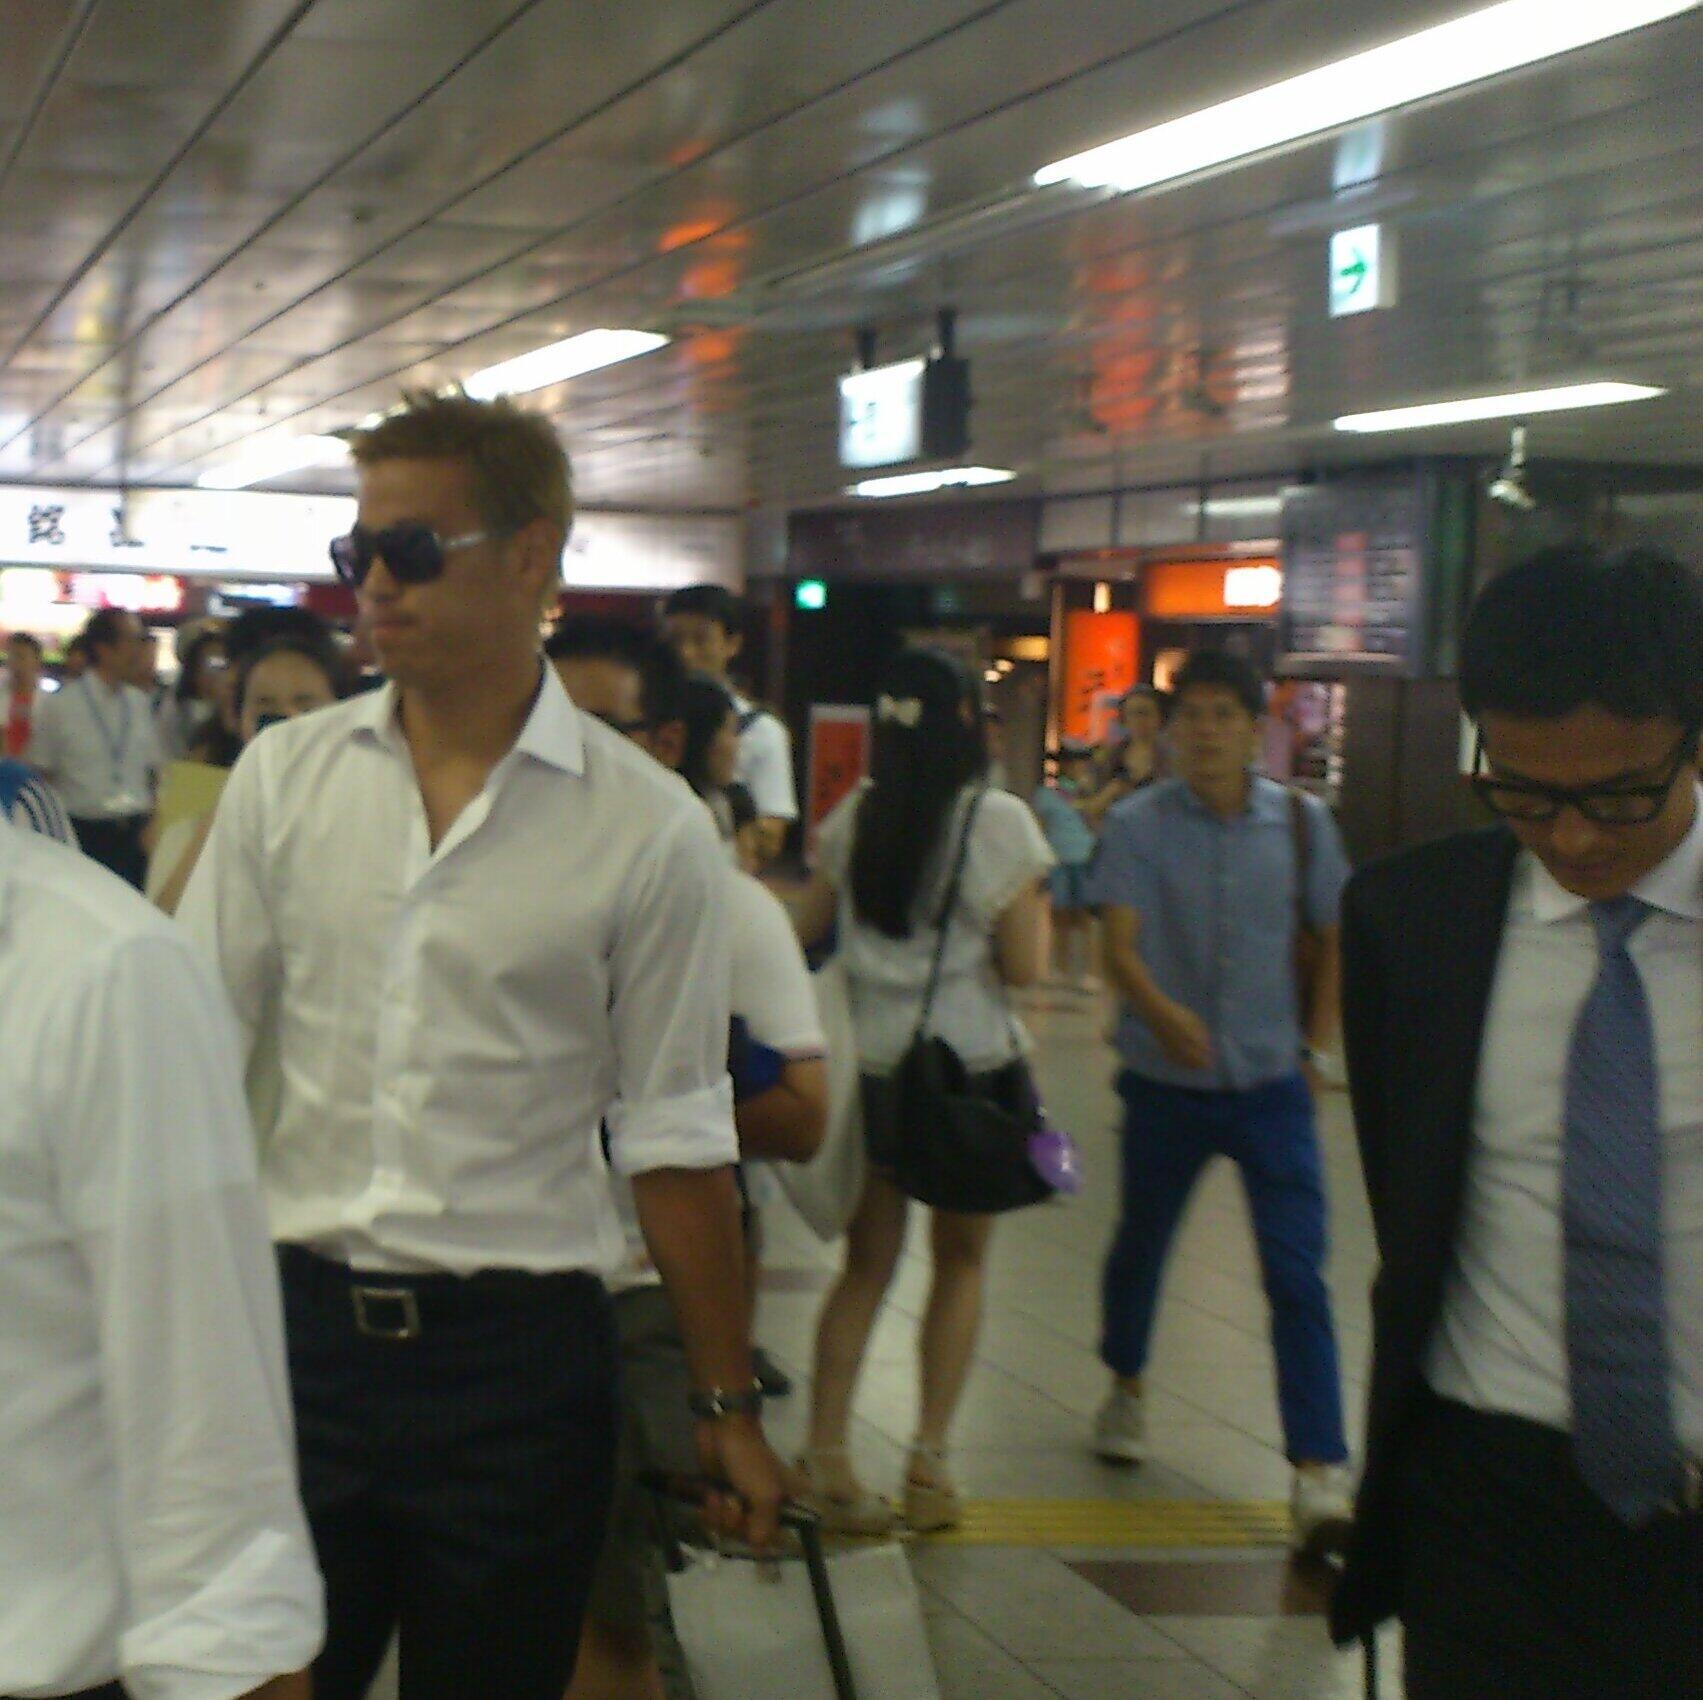 ツイ民 「やばいんだけど!駅に日本代表の本田と、ジーコ監督いた!!」